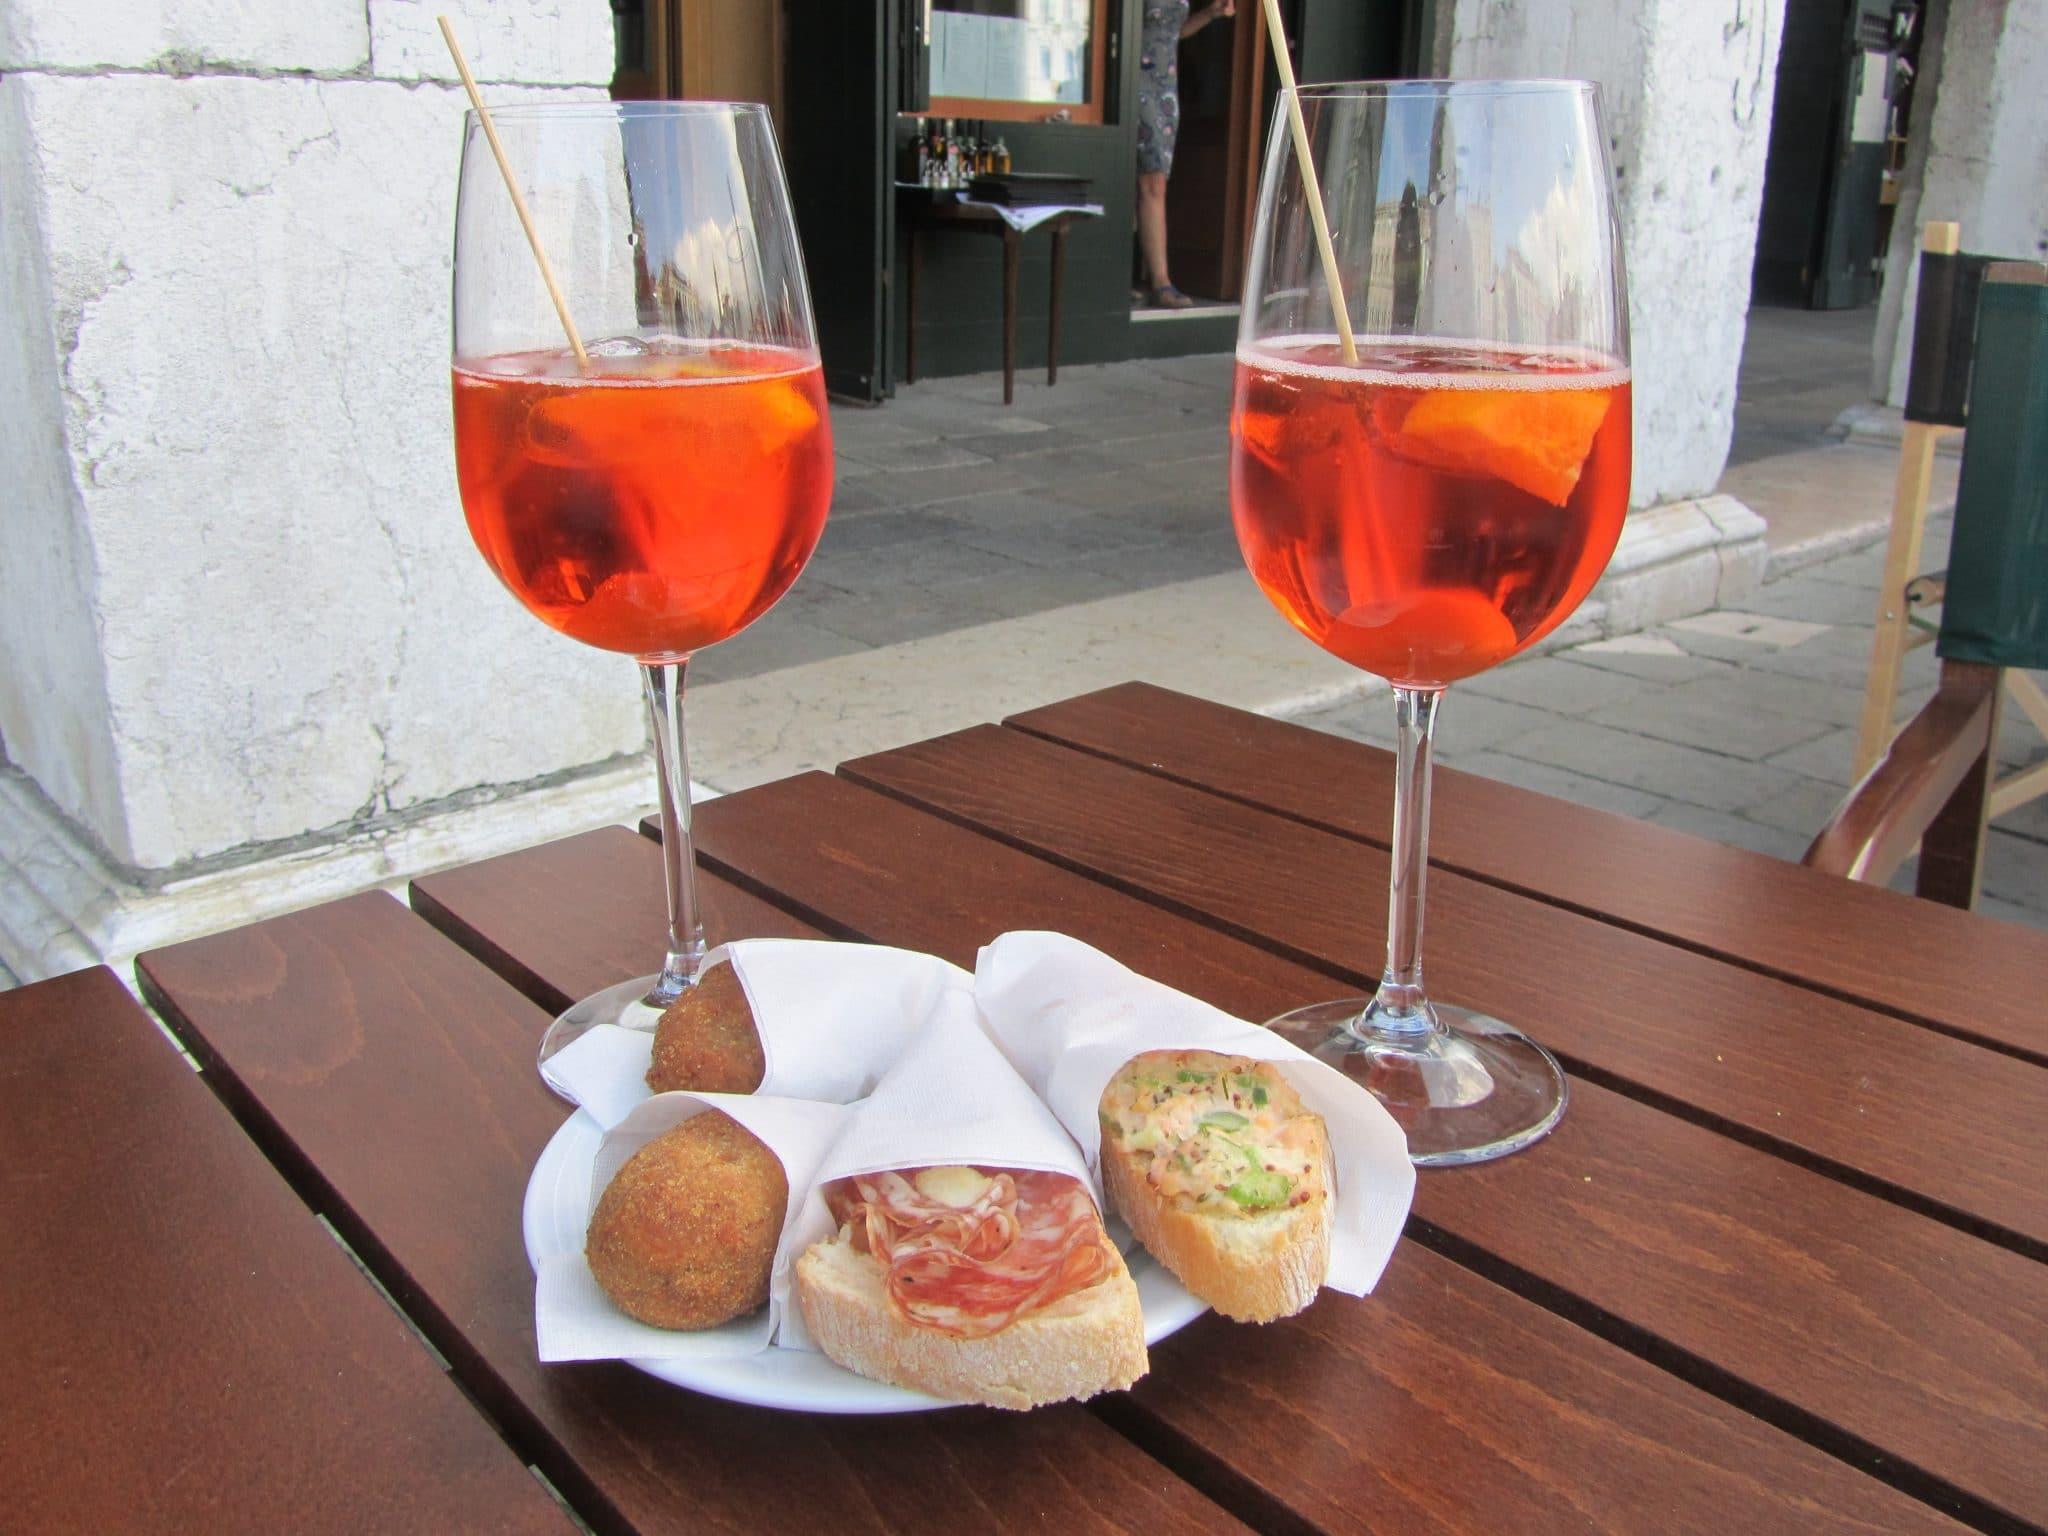 cicchetti a venezia